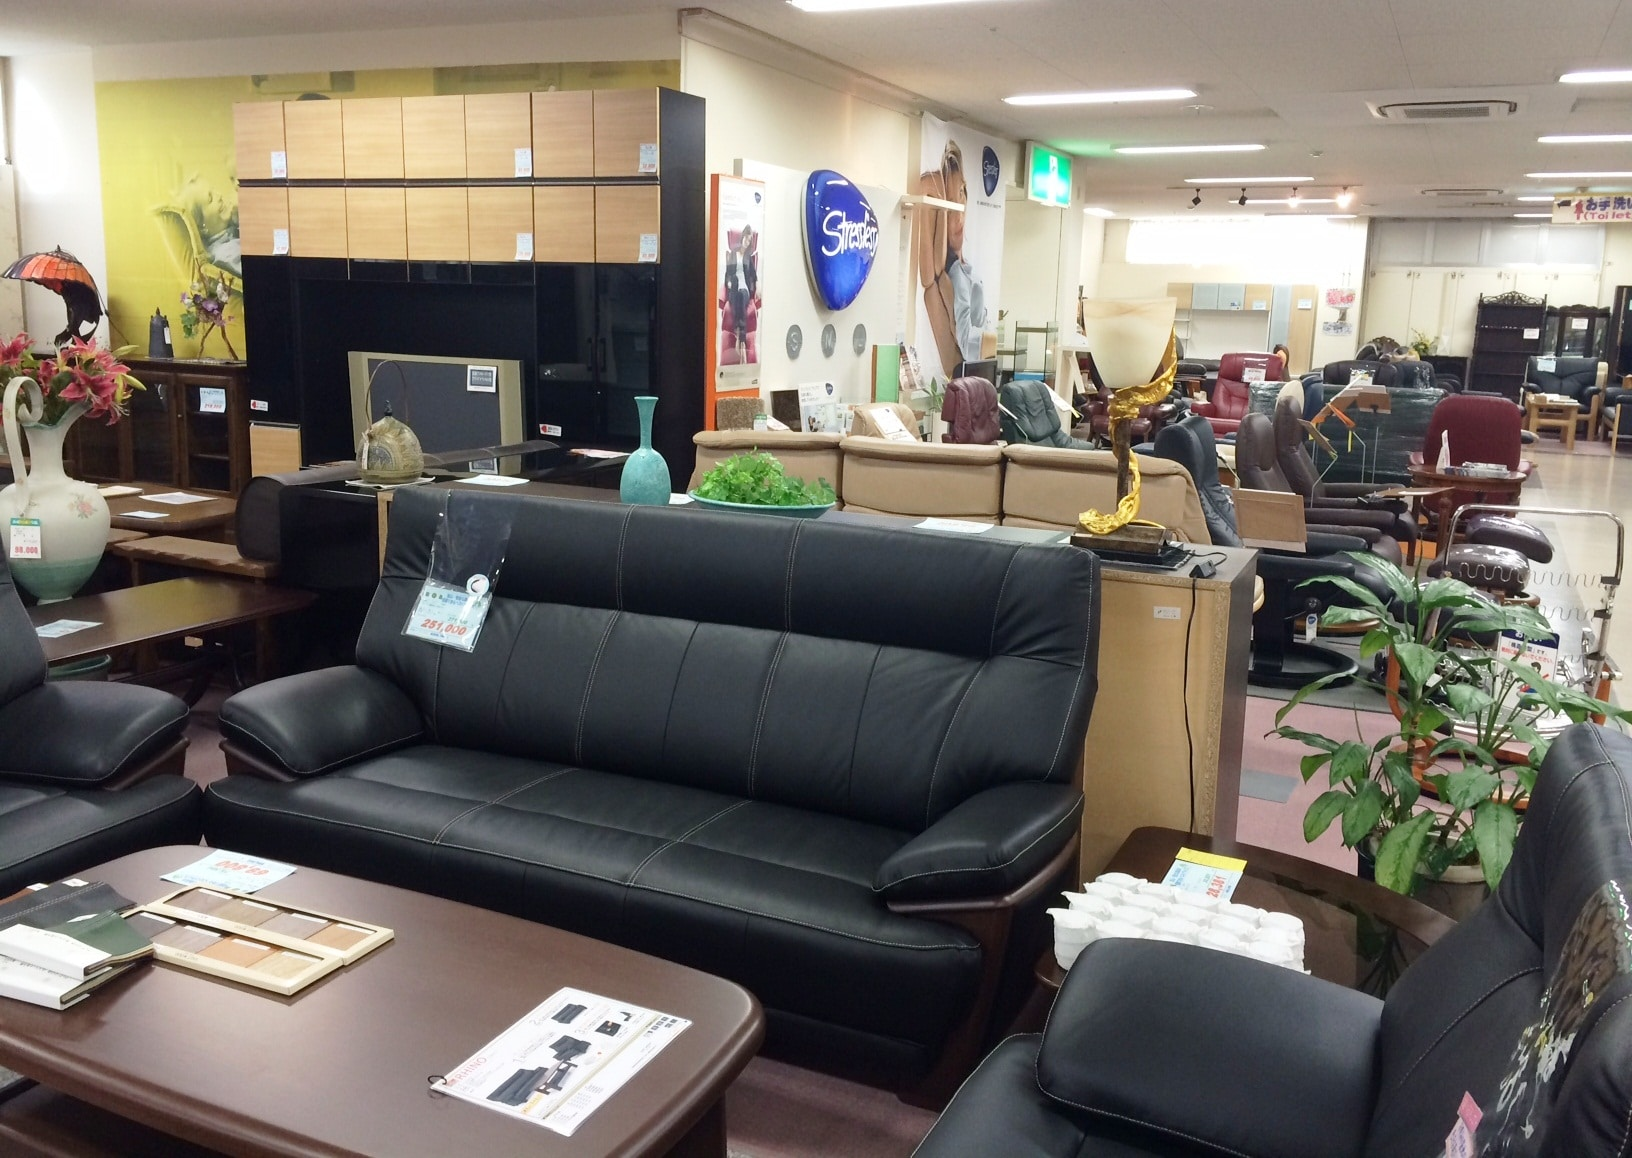 Great Happy Furniture Zone U2013 Warp (ひが) L Okinawa Hai!